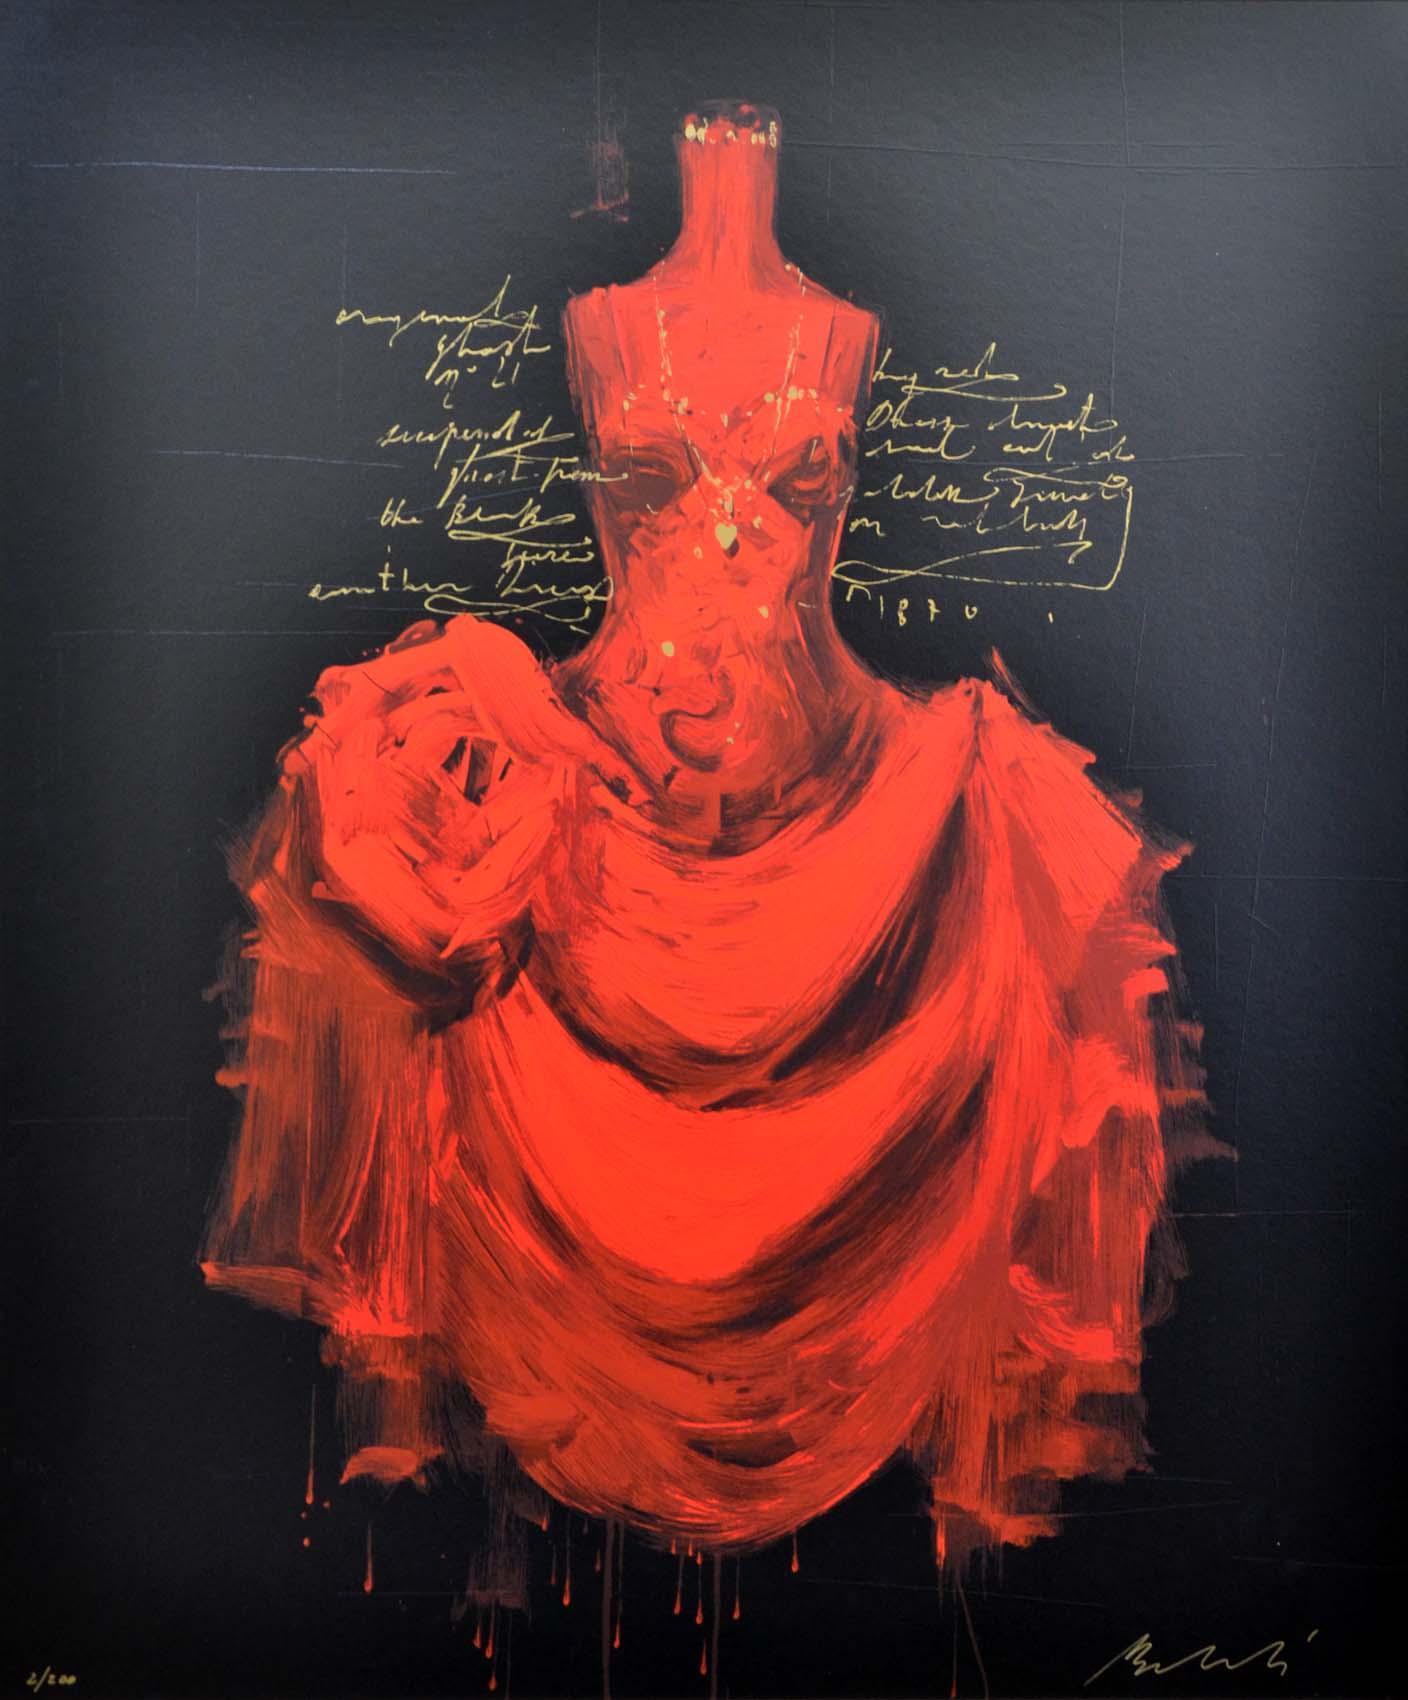 Bellandi Luca, Barocco 21, Serigrafia polimaterica, Formato cm 92x111